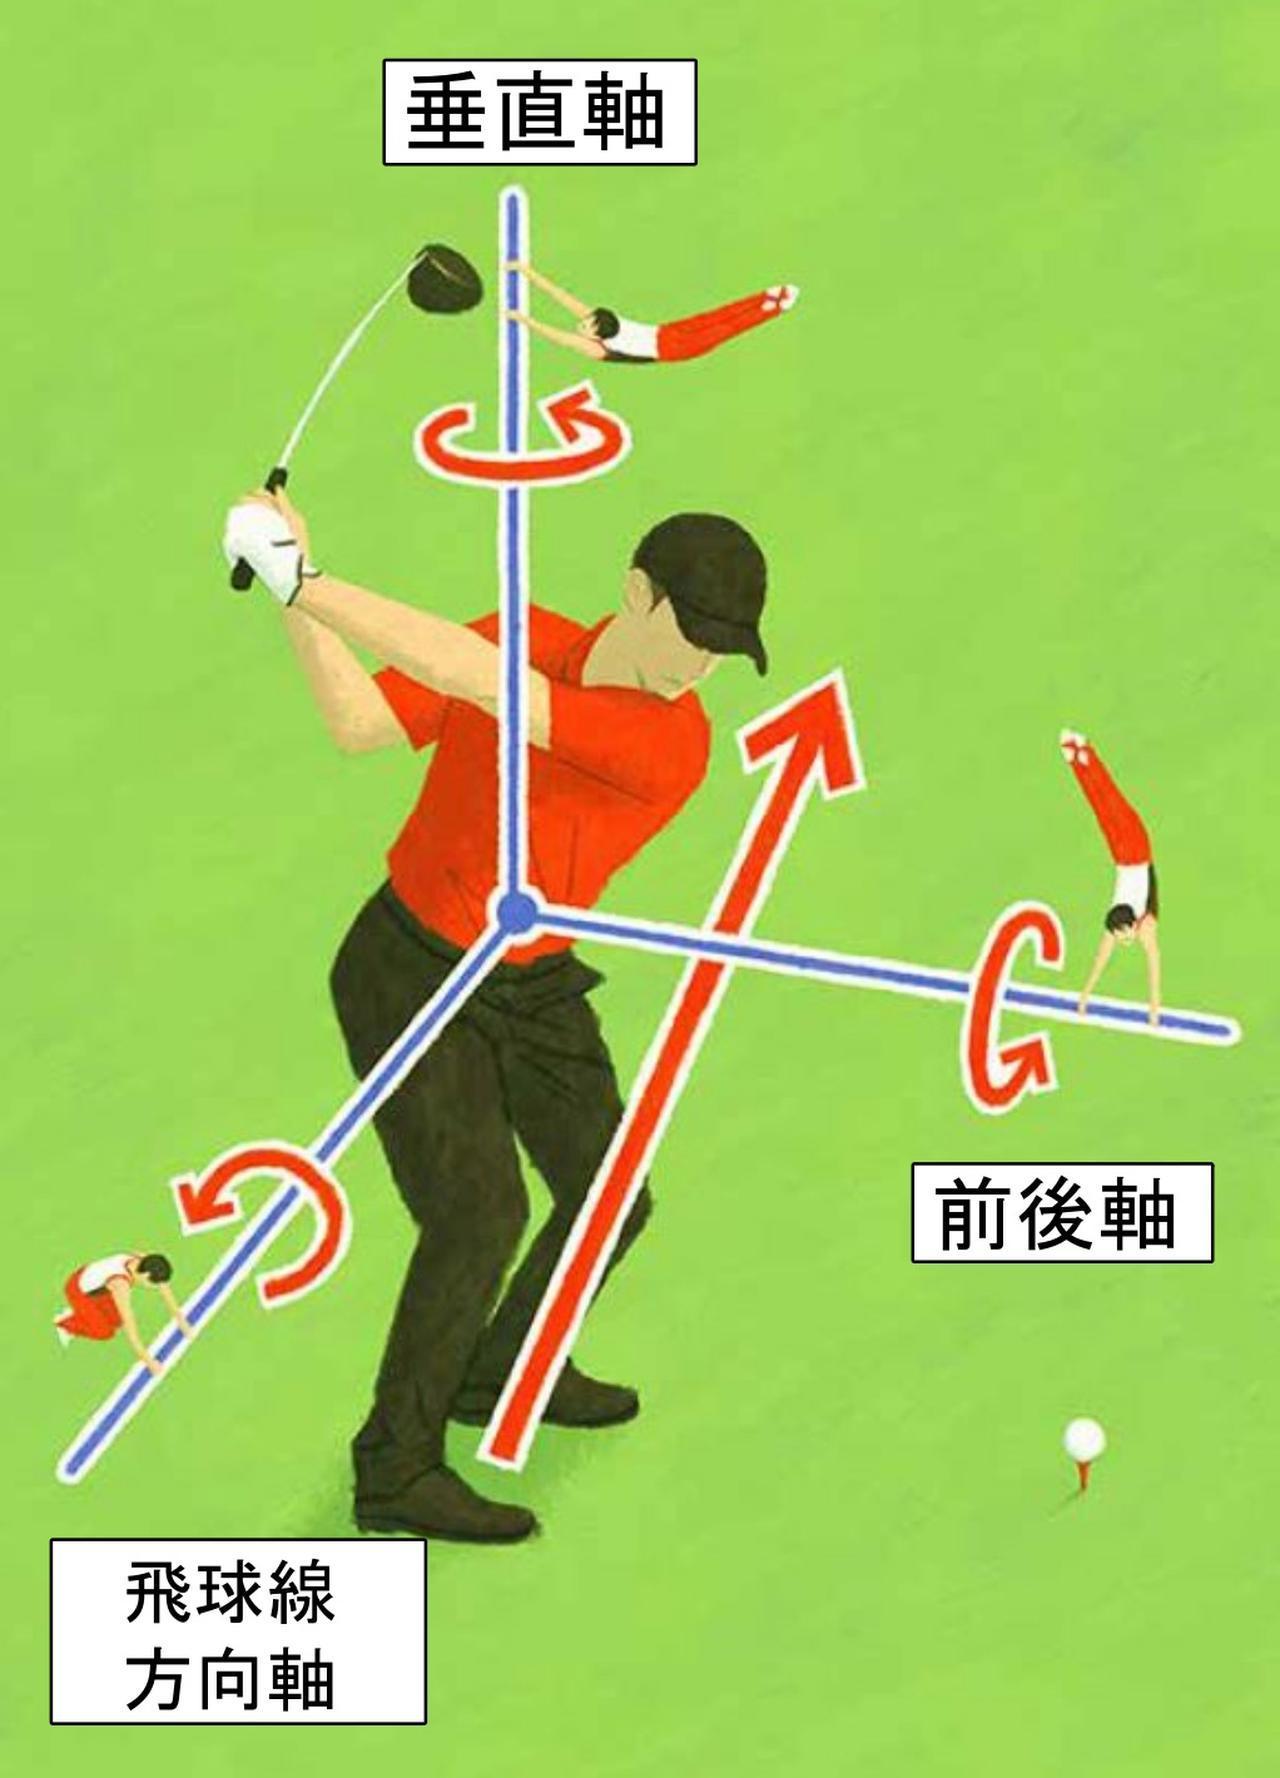 画像: スウィングの3つの軸は、体の重心を通る三次元的な座標軸のようなもの(イラスト/浦上和久)